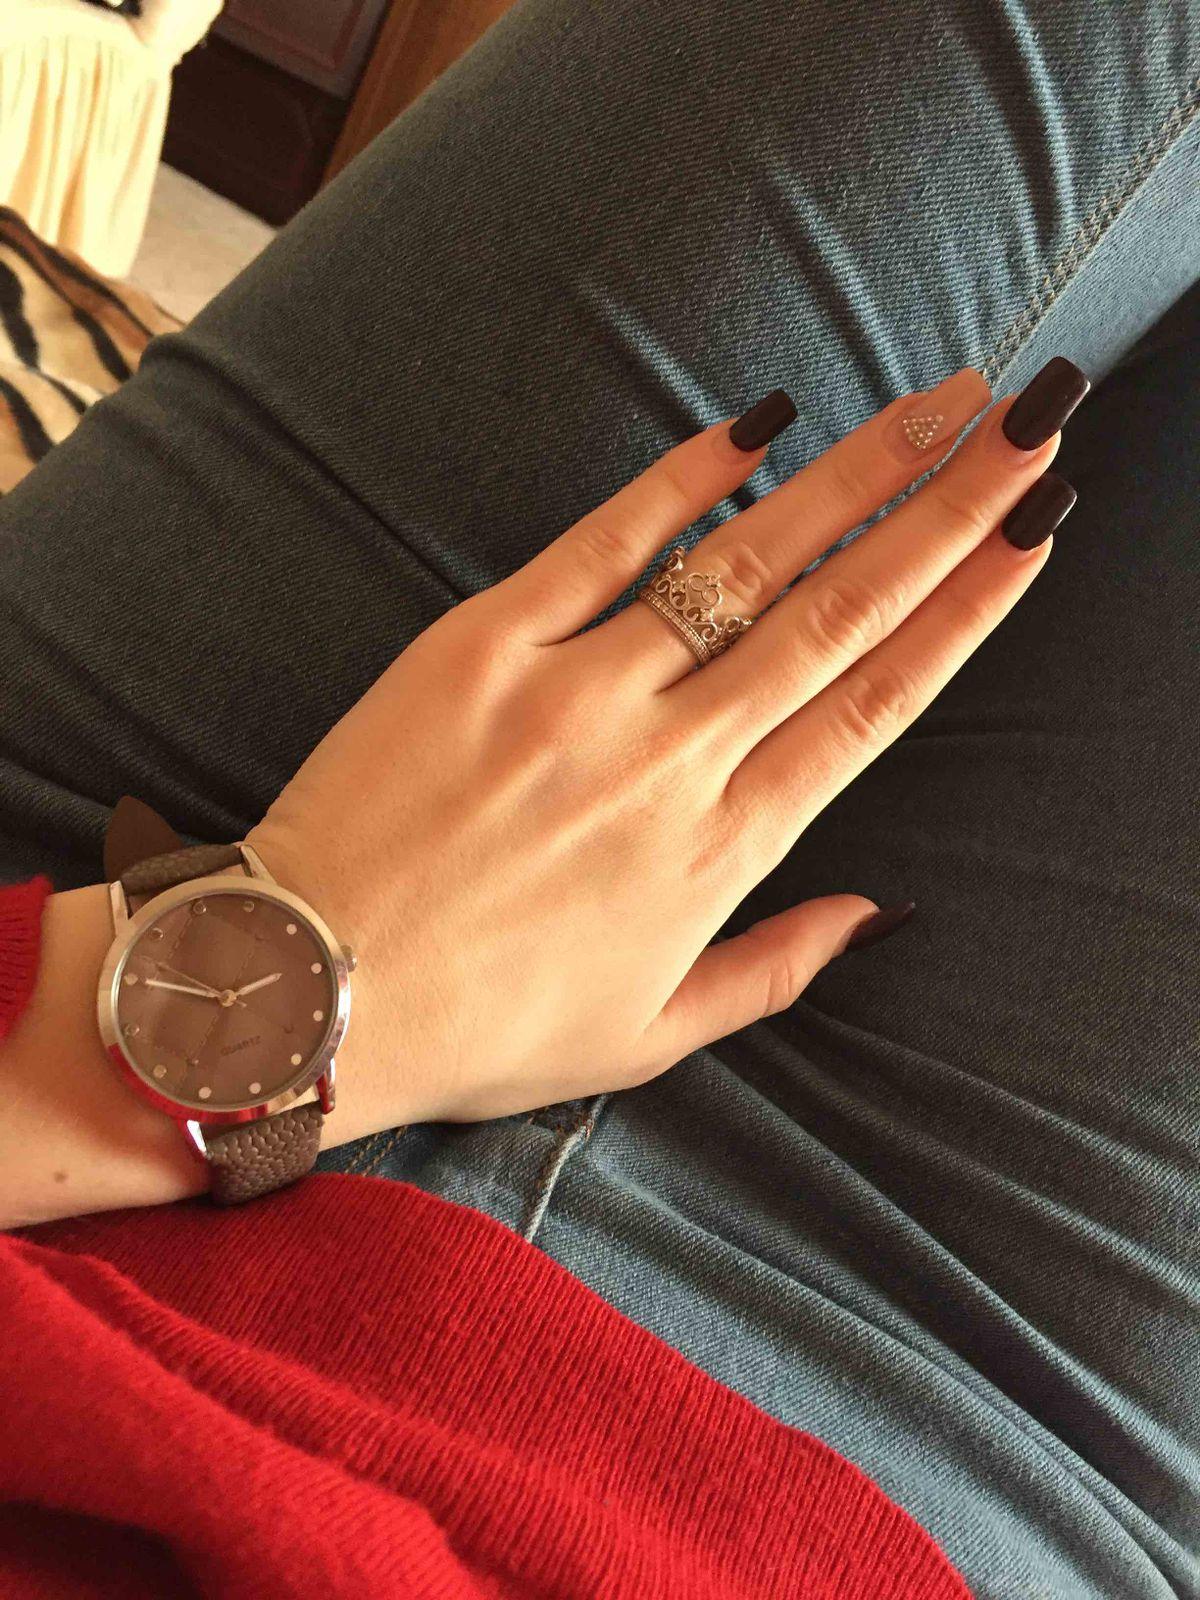 Прекрасное кольцо 🌸 Советую